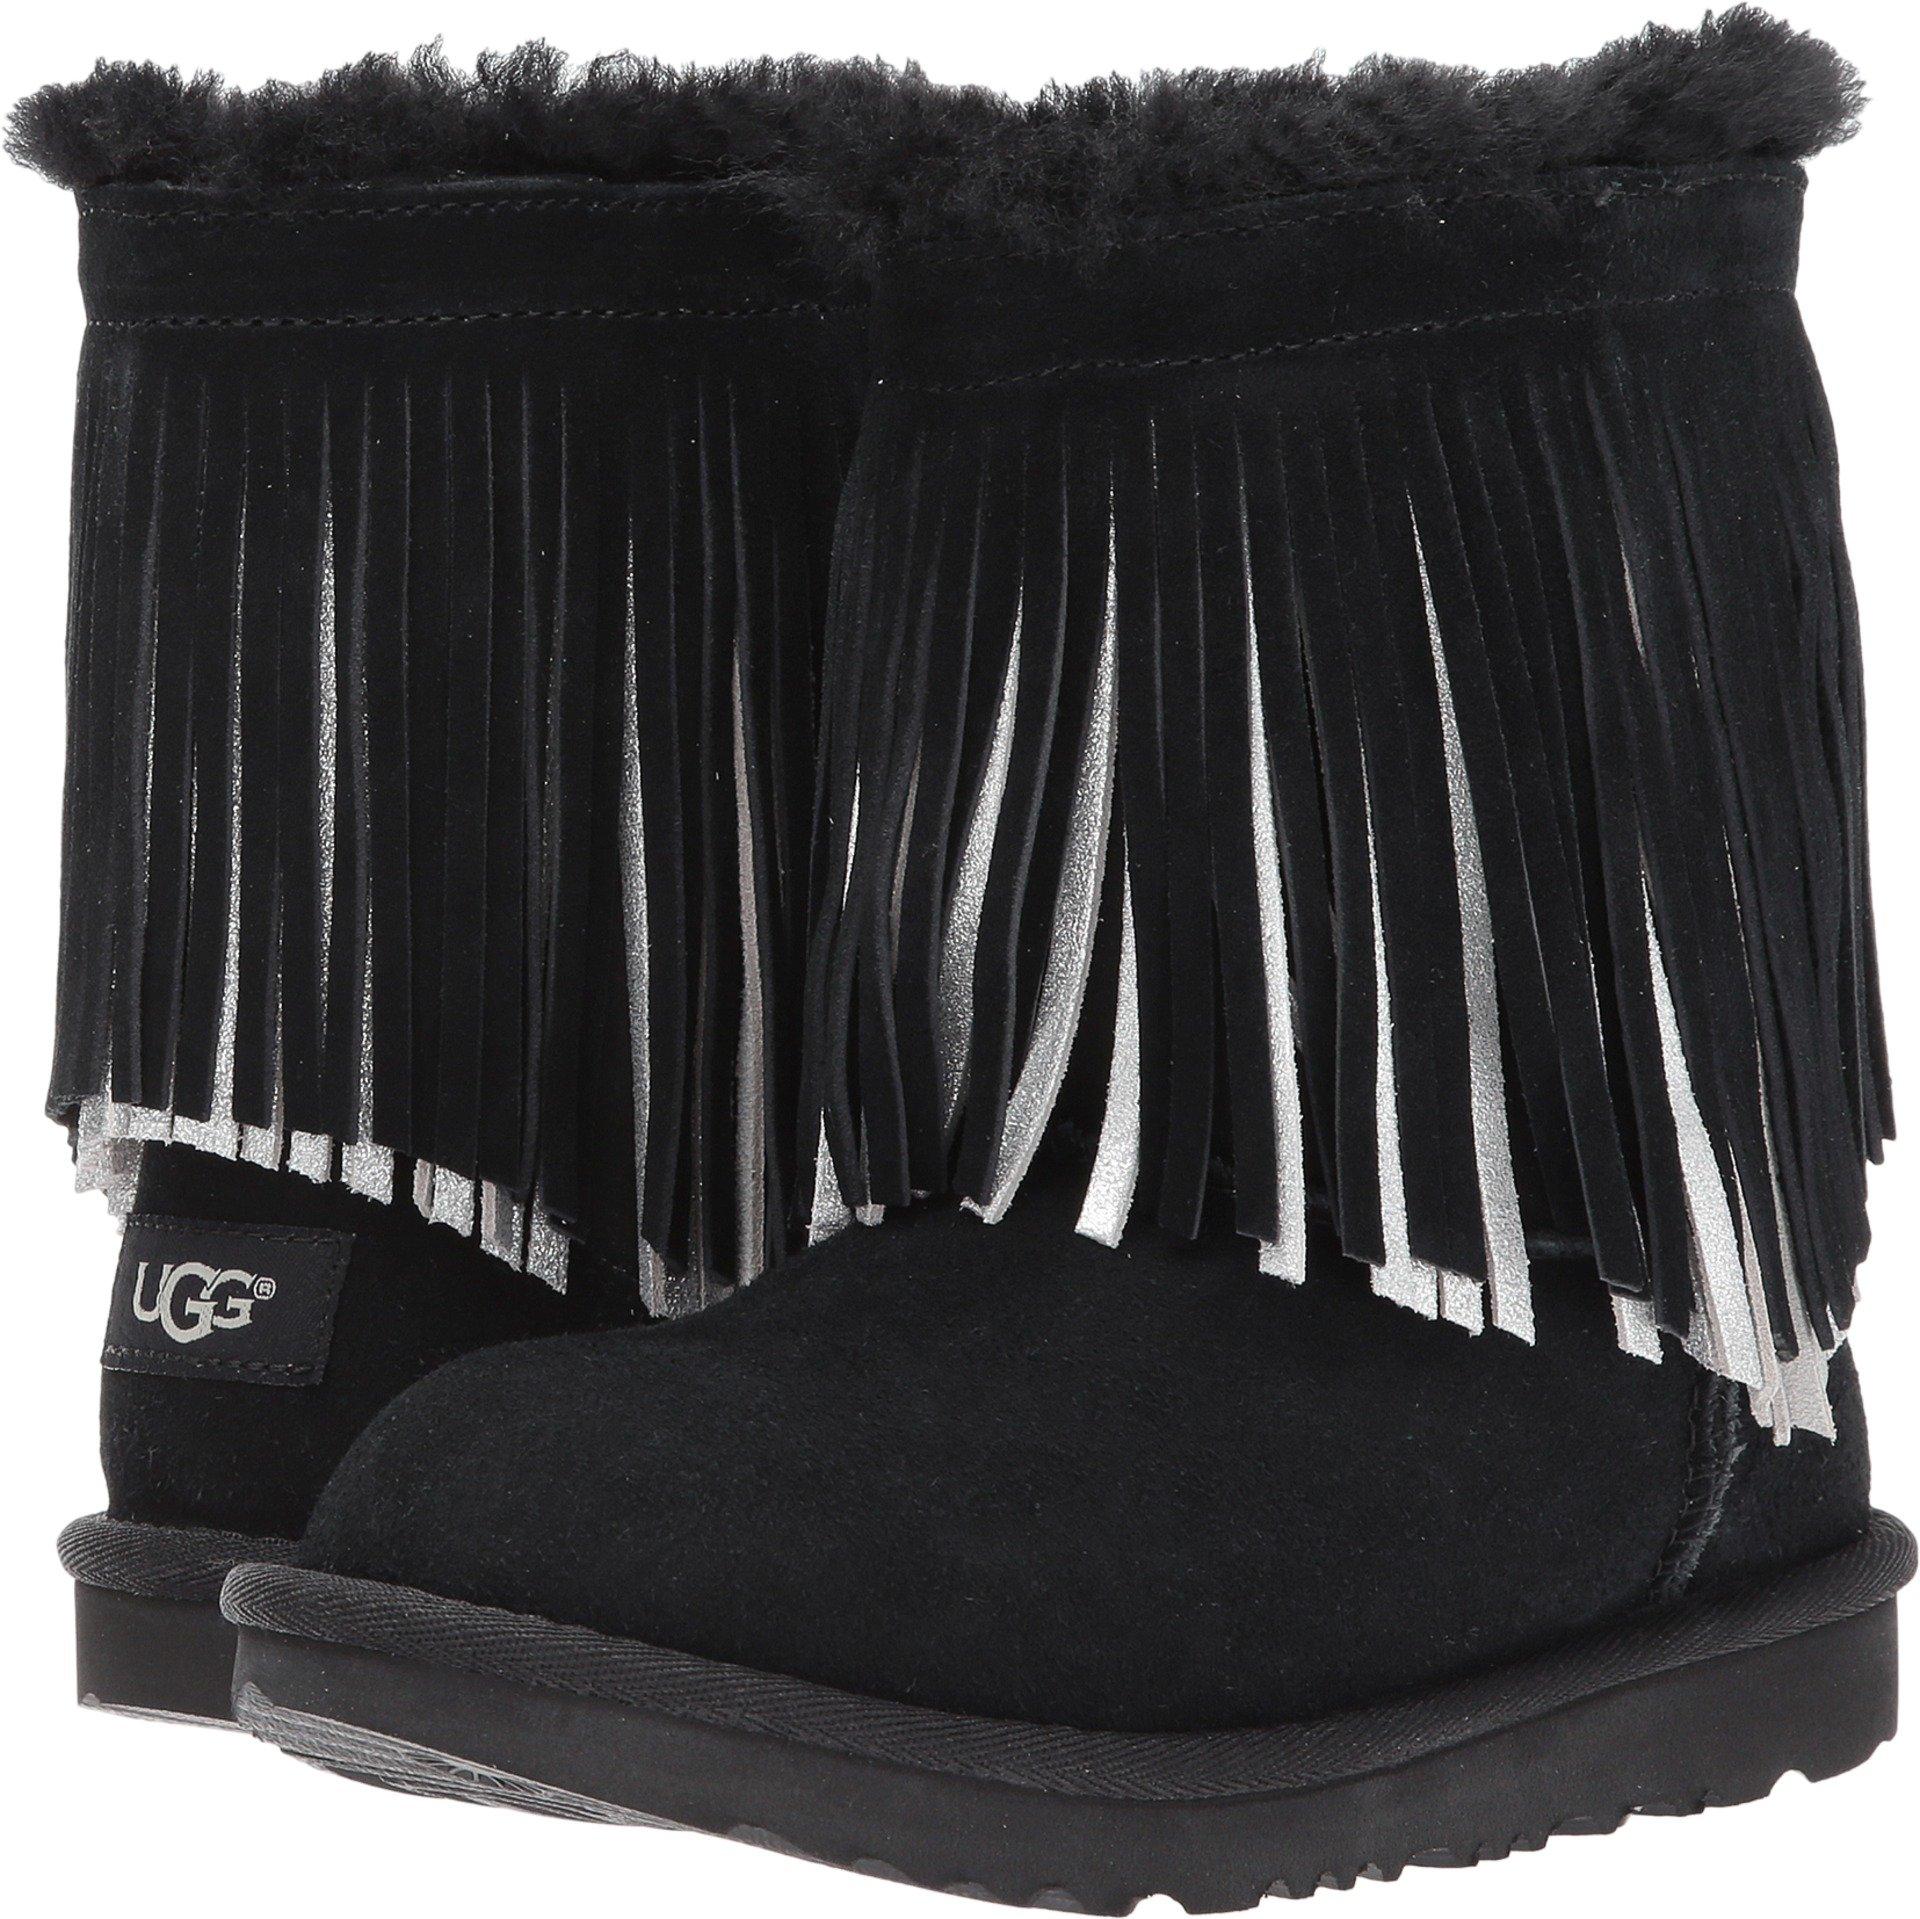 UGG Big Kids Classic Short II Fringe Boot Black Size 6 M US Big Kid